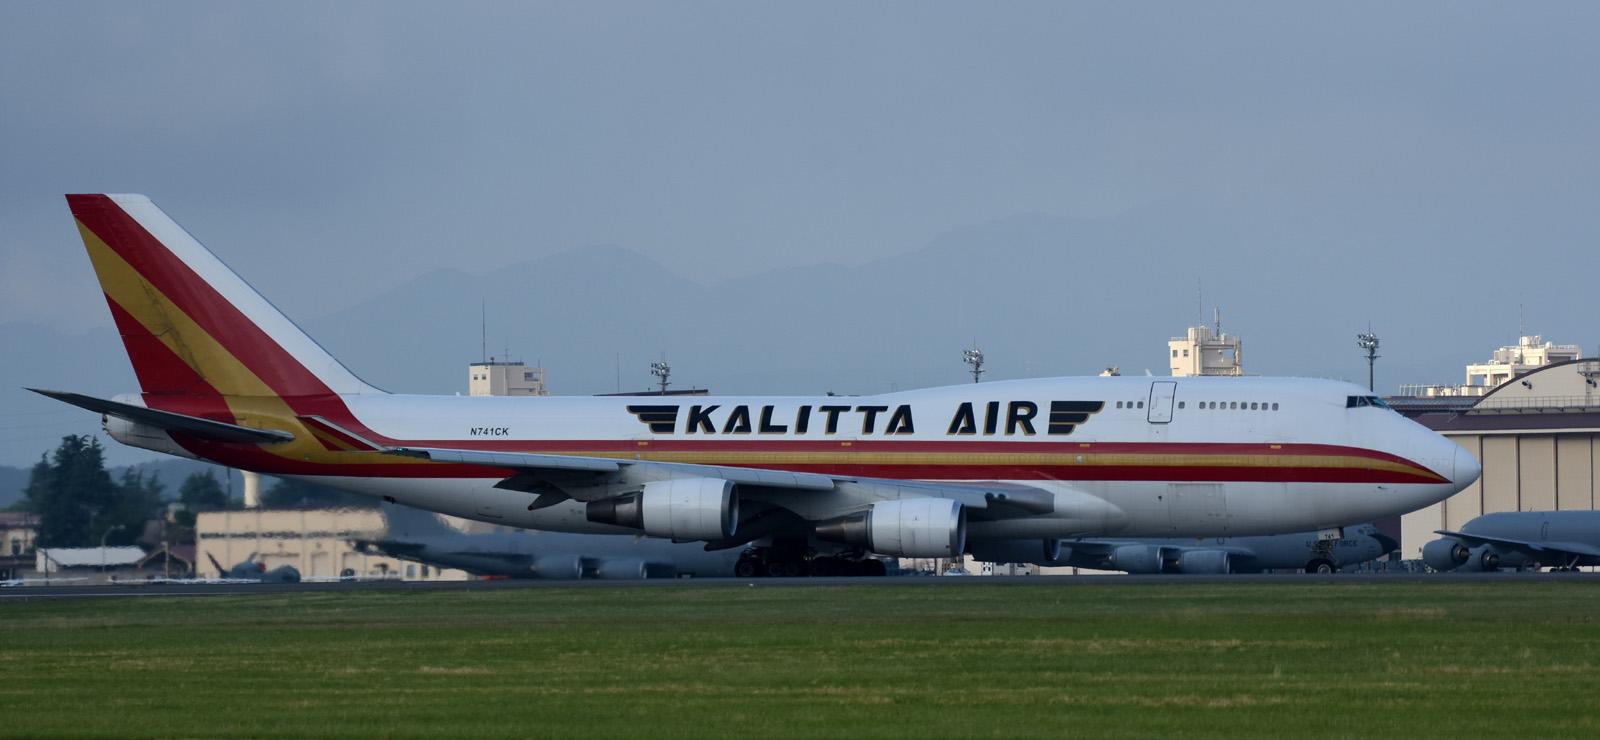 Kalitta170602g888